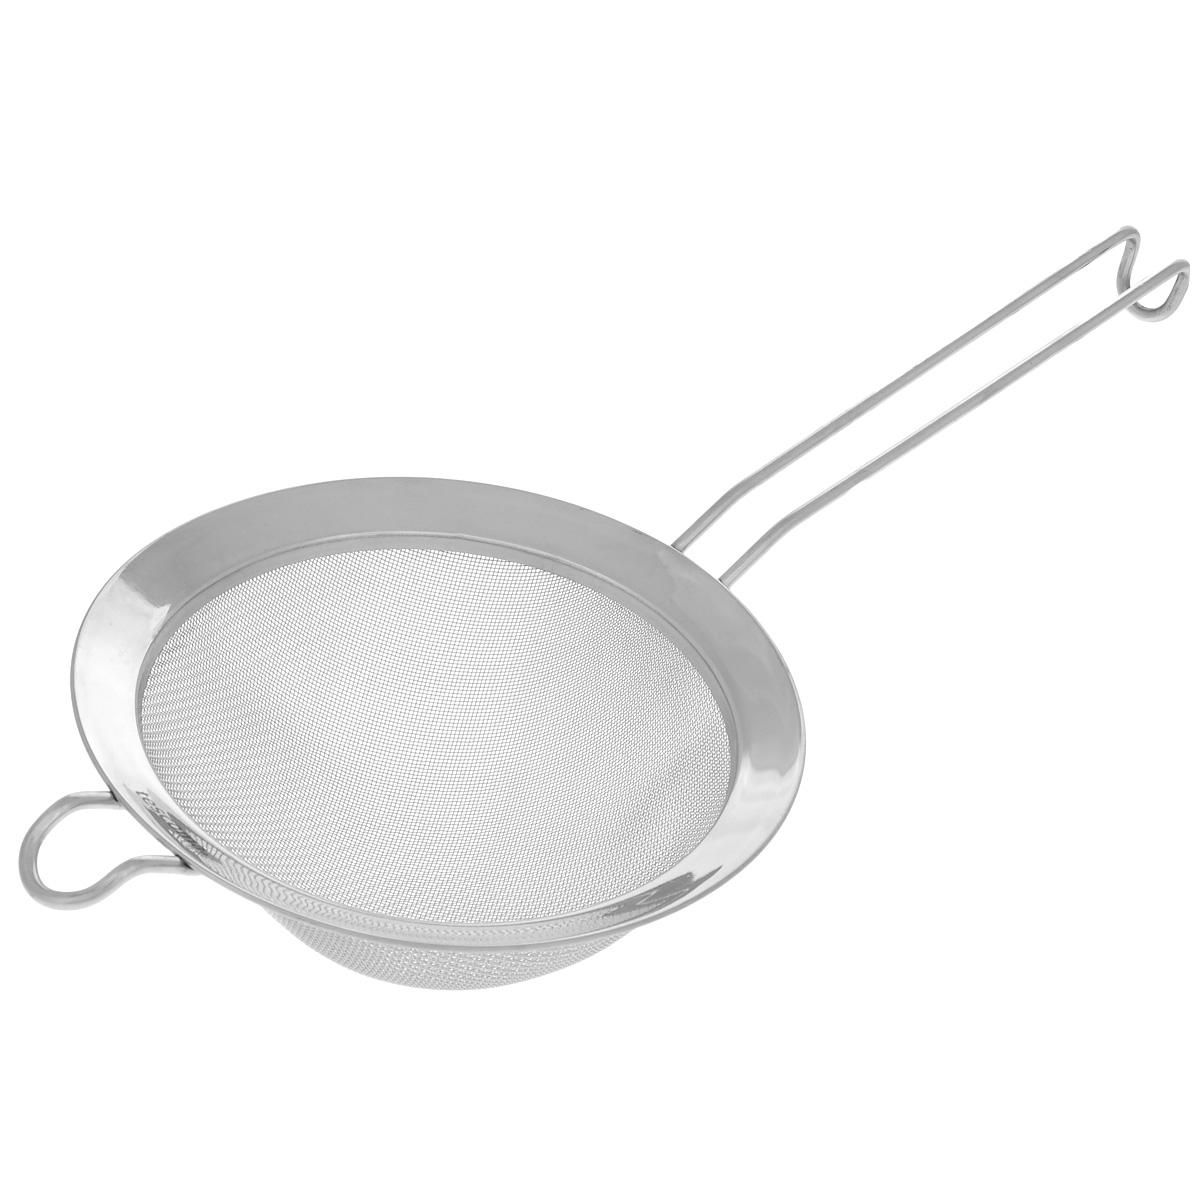 Сито Tescoma Chef, диаметр 16 см115510Сито Tescoma Chef, выполненное из высококачественной нержавеющей стали, станет незаменимым аксессуаром на вашей кухне. Удобная ручка-пруток не позволит выскользнуть изделию из вашей руки. Прочная стальная сетка и корпус обеспечивают изделию износостойкость и долговечность. Сито оснащено специальным ушком, за которое его можно подвесить в любом месте.Такое сито поможет вам процедить или просеять продукты и станет достойным дополнением к кухонному инвентарю.Можно мыть в посудомоечной машине.